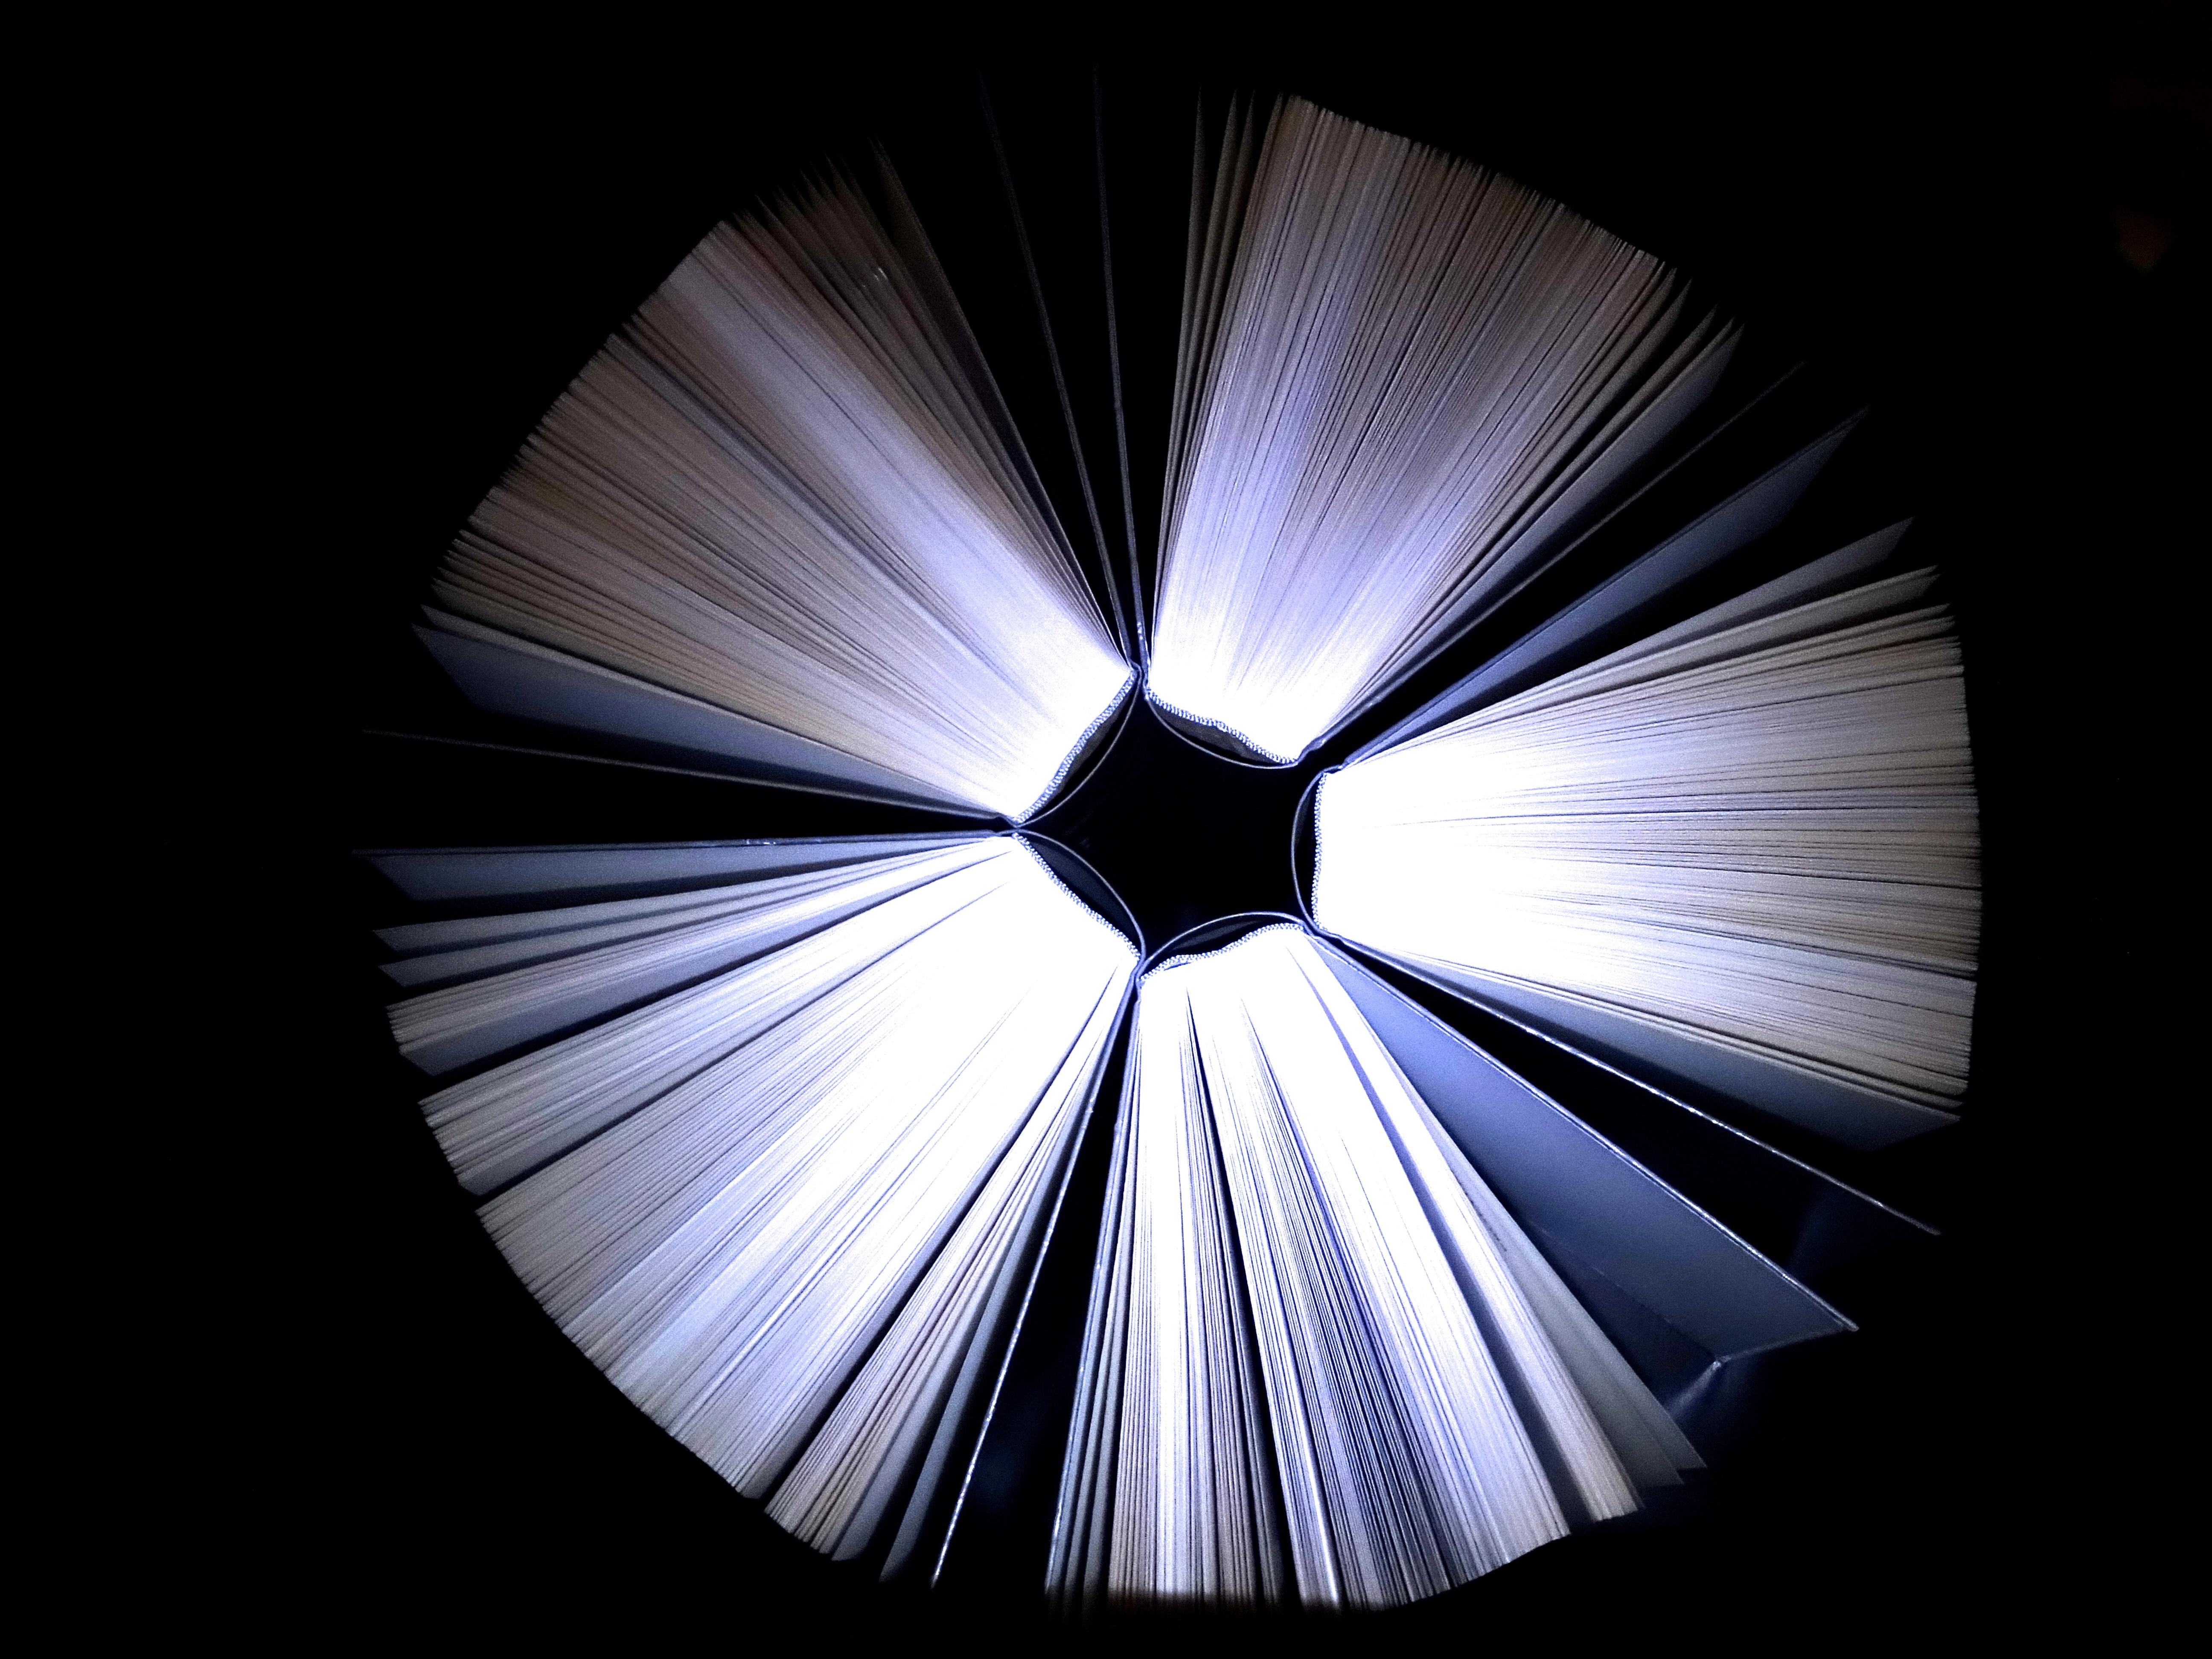 lezen vleugel licht wiel zonlicht lijn kleur duisternis monochroom verlichting cirkel onderwijs literatuur boeken symmetrie boekenworm